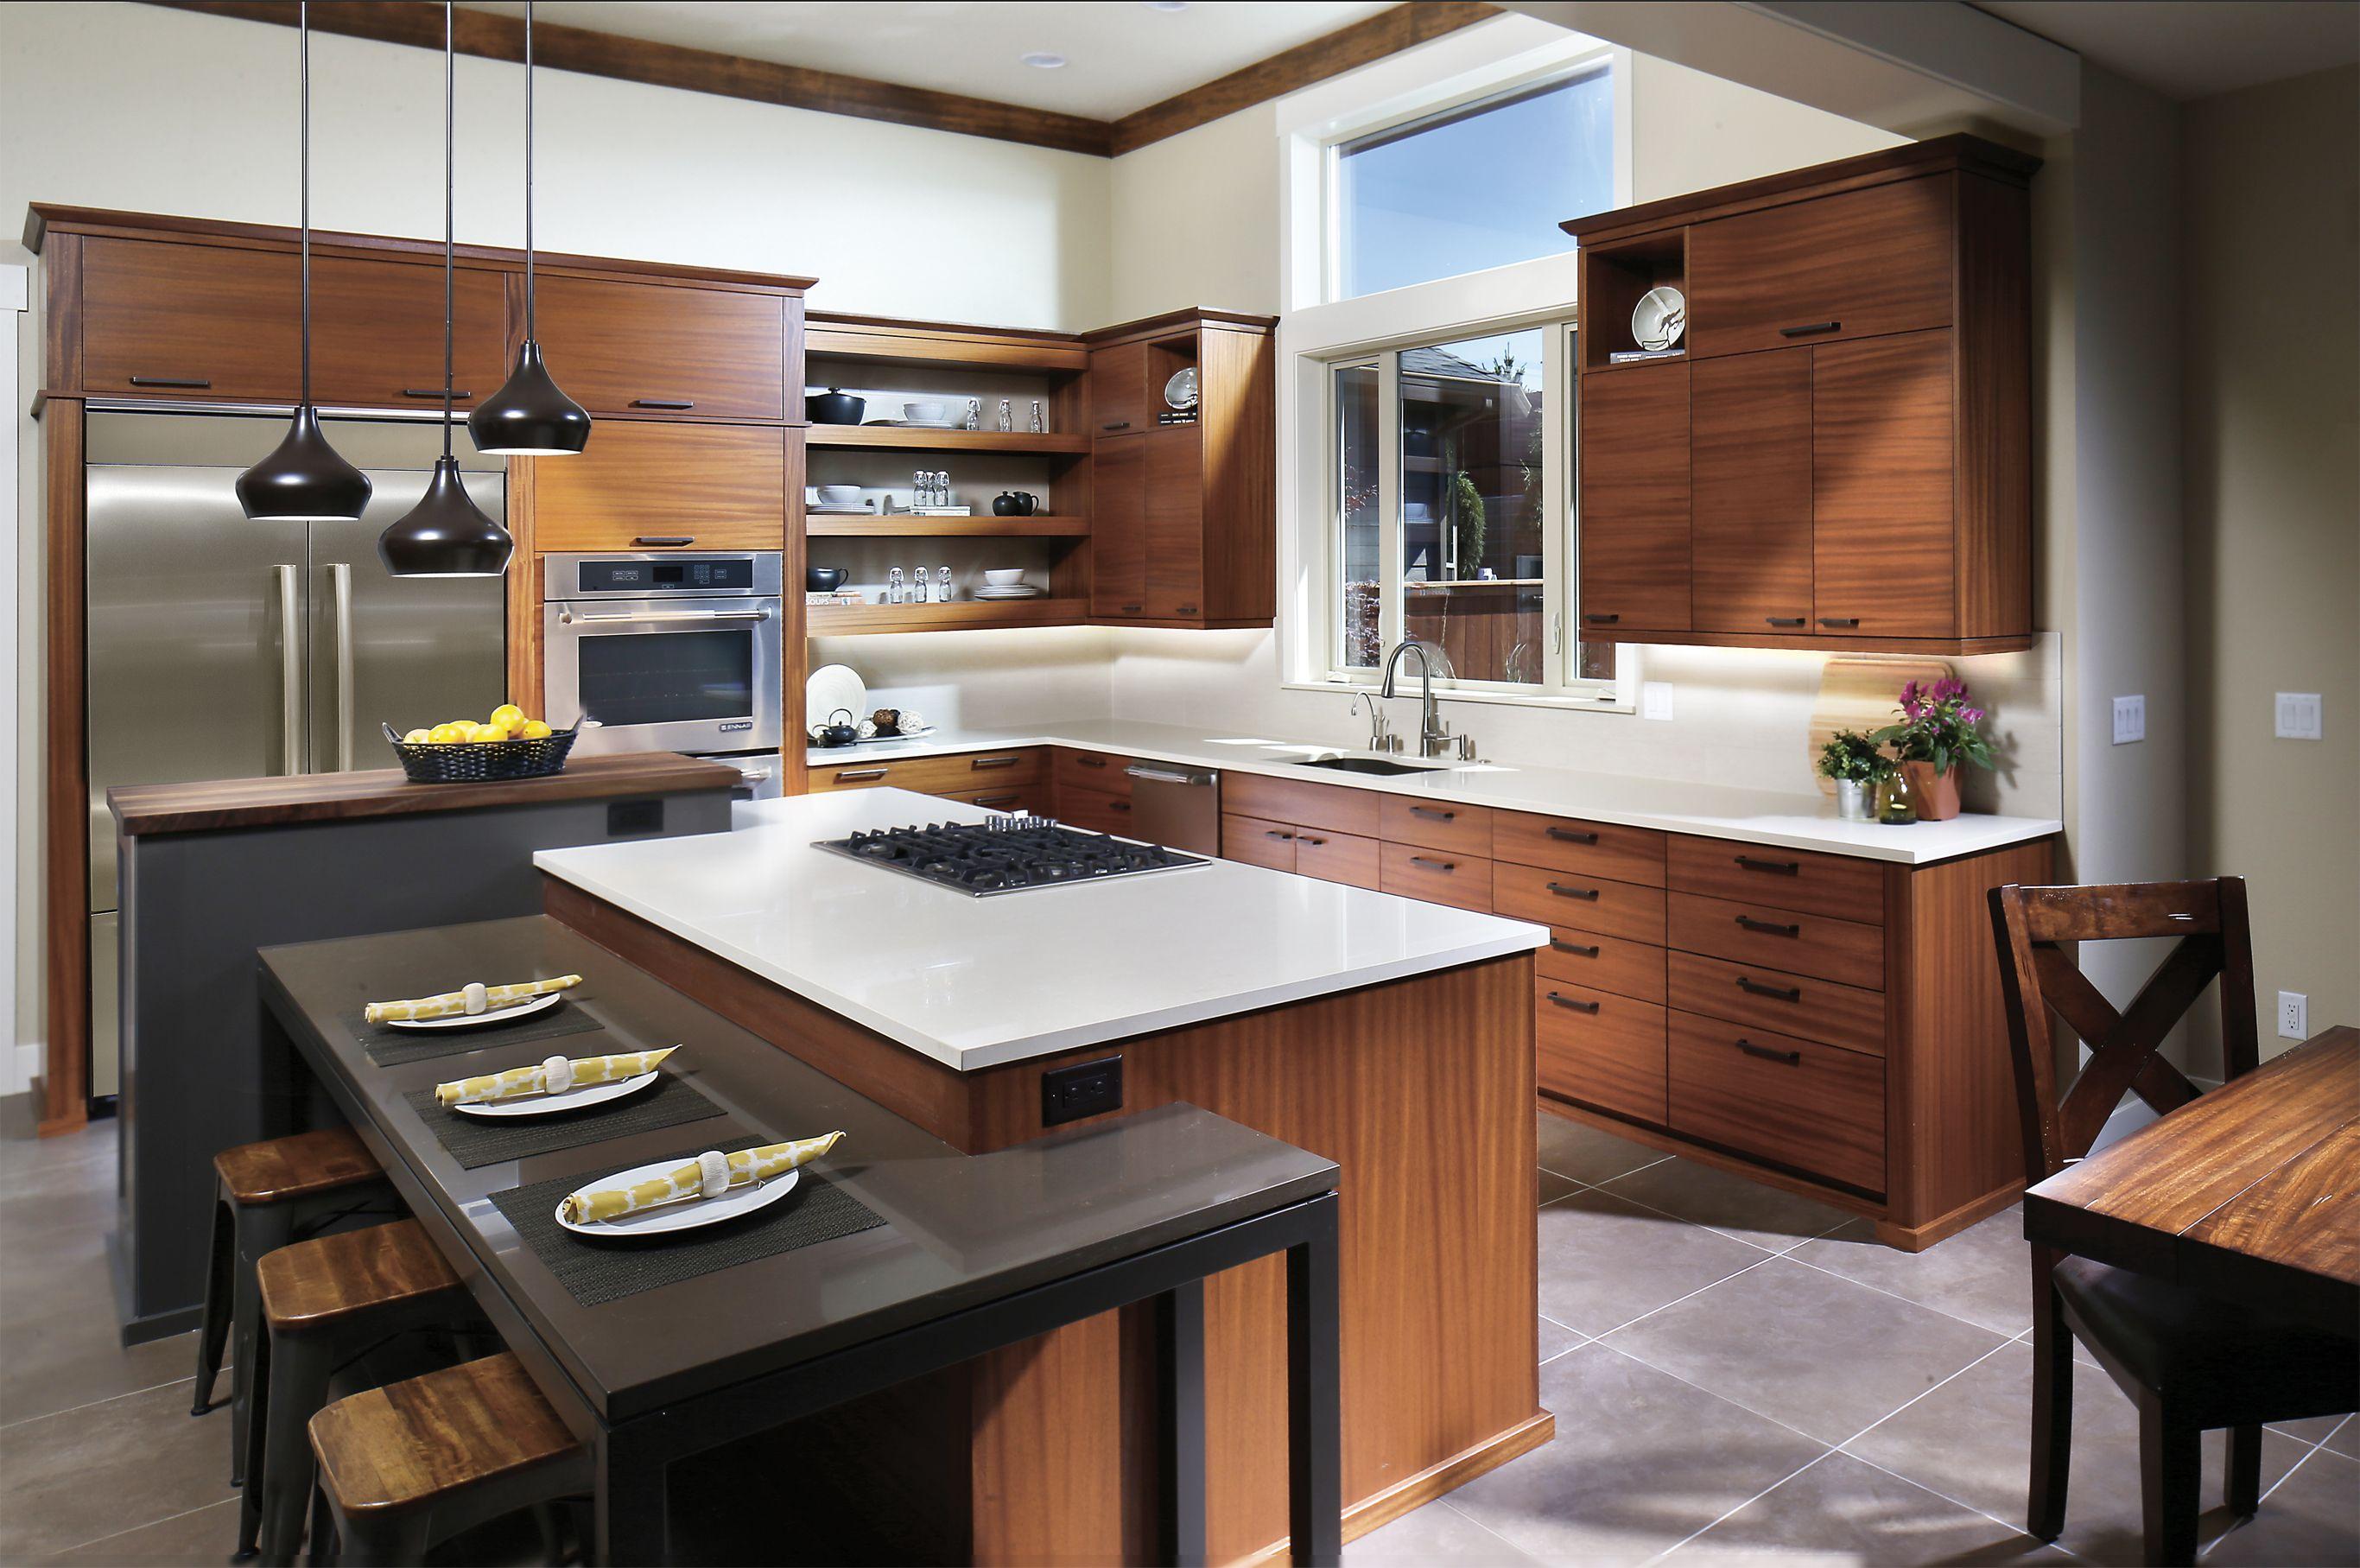 Glavin Kitchen Dewils Kitchen Cabinet Styles Classic Kitchen Design Mahogany Kitchen